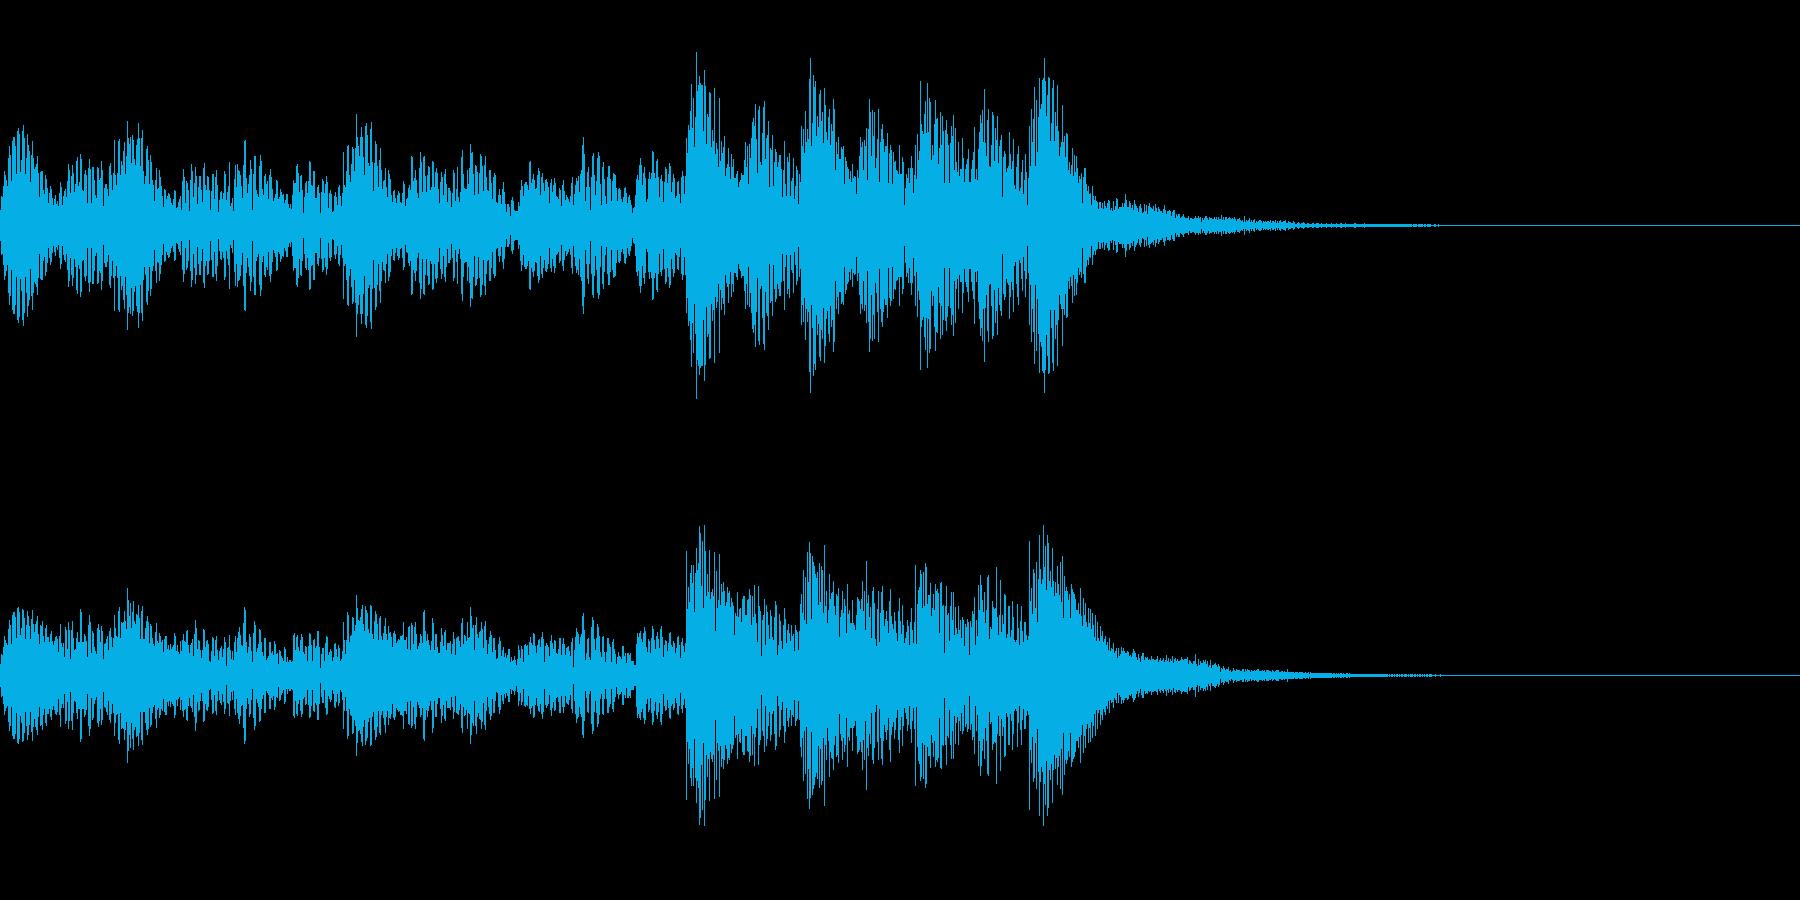 マリンバの力強いジングルの再生済みの波形